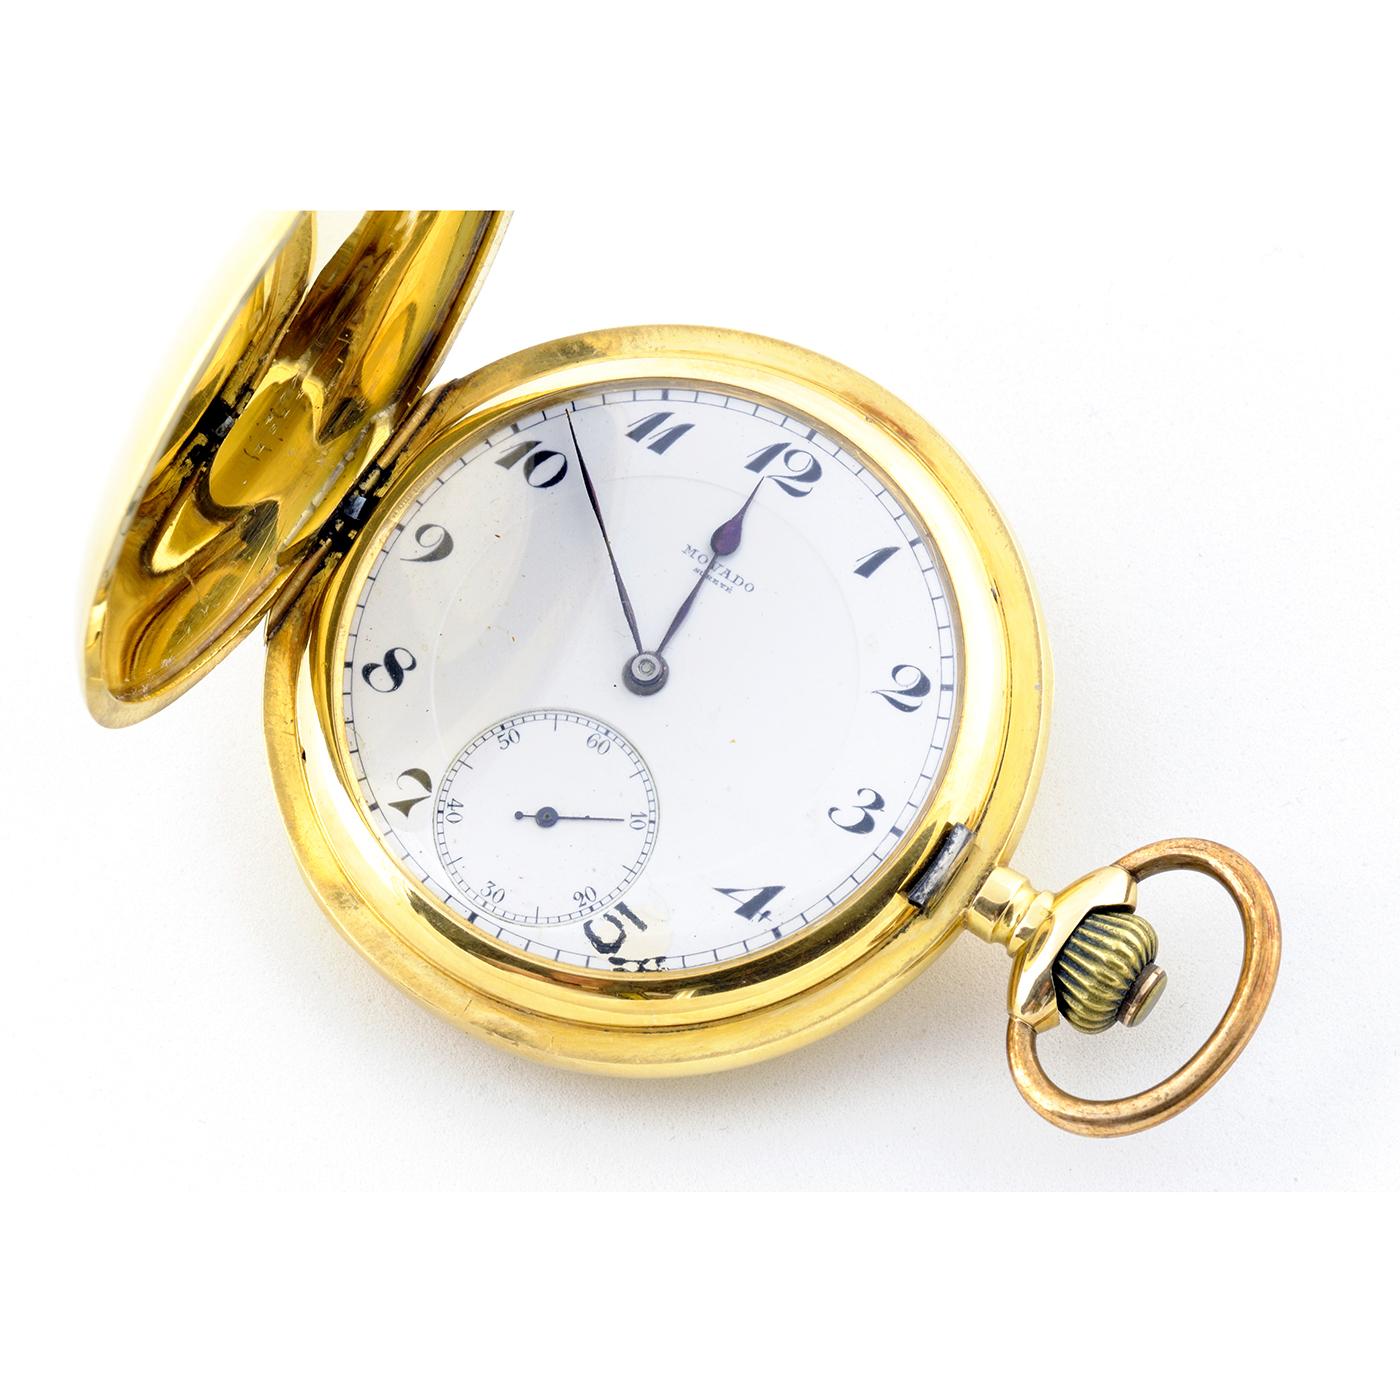 Movado. Reloj de Bolsillo saboneta. Circa, 1900.